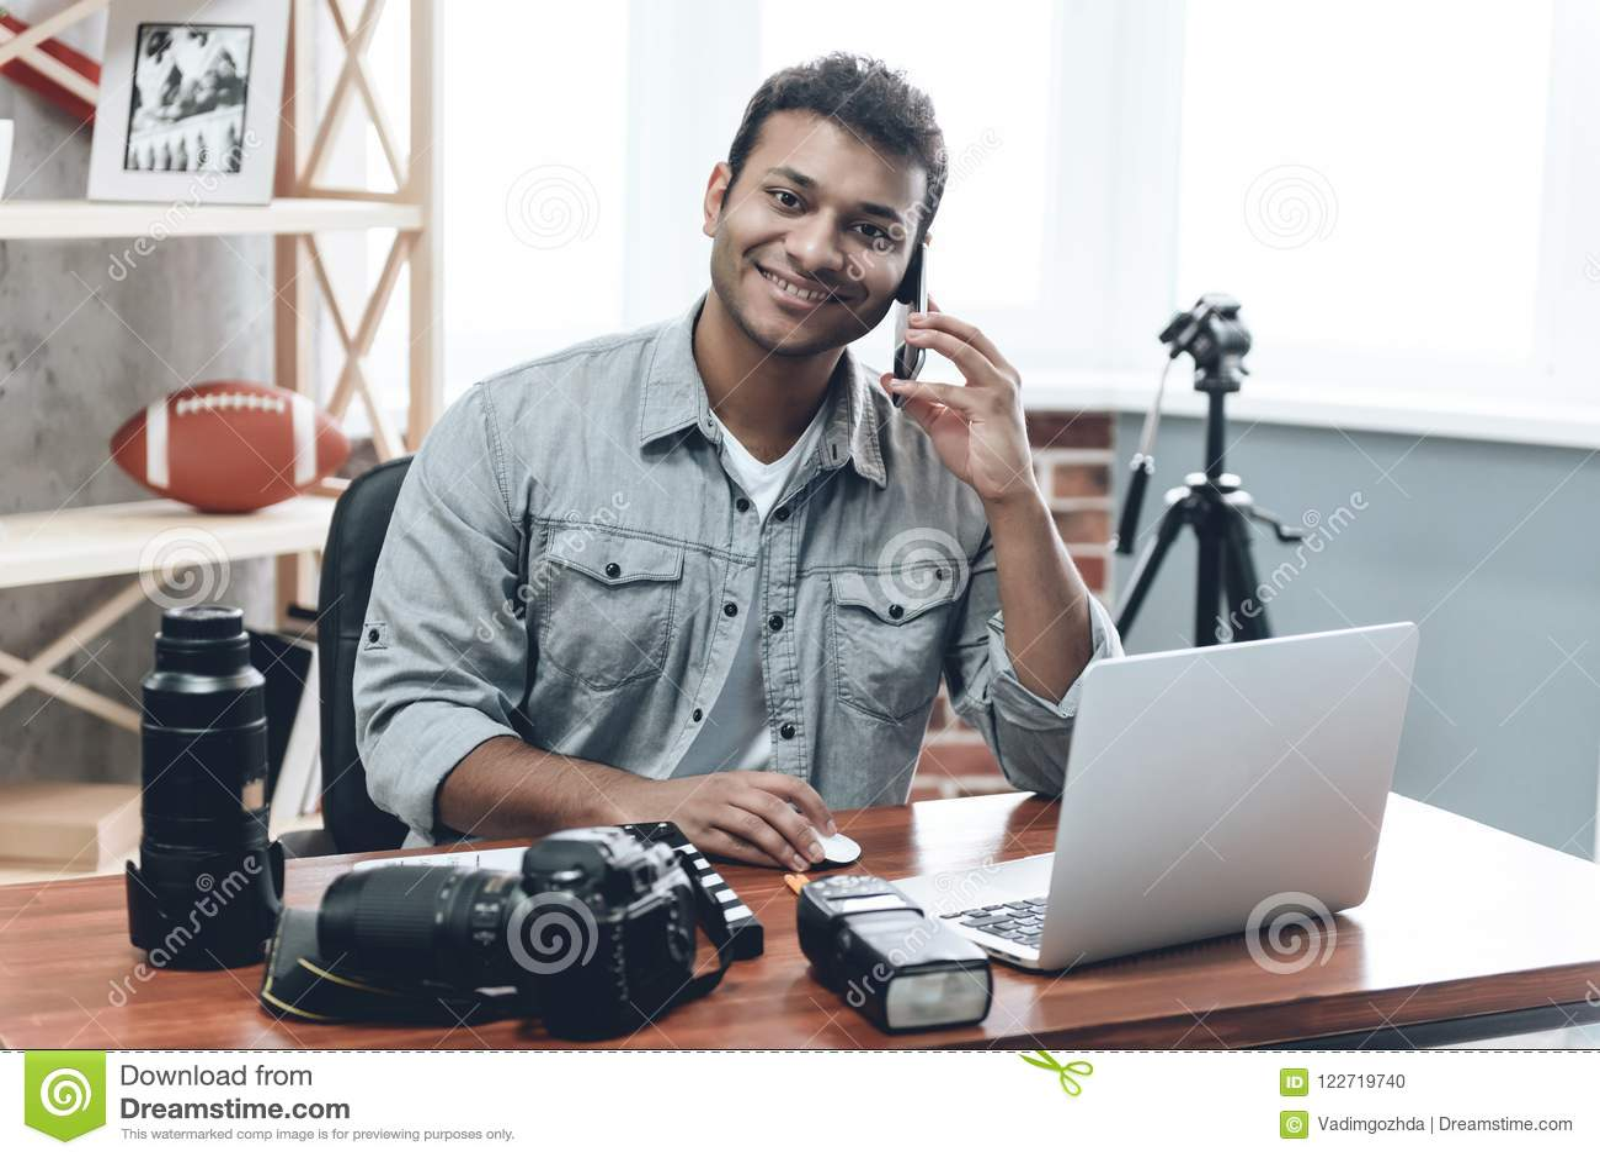 Indischer glücklicher junger Mann-Fotograf Work vom Haus